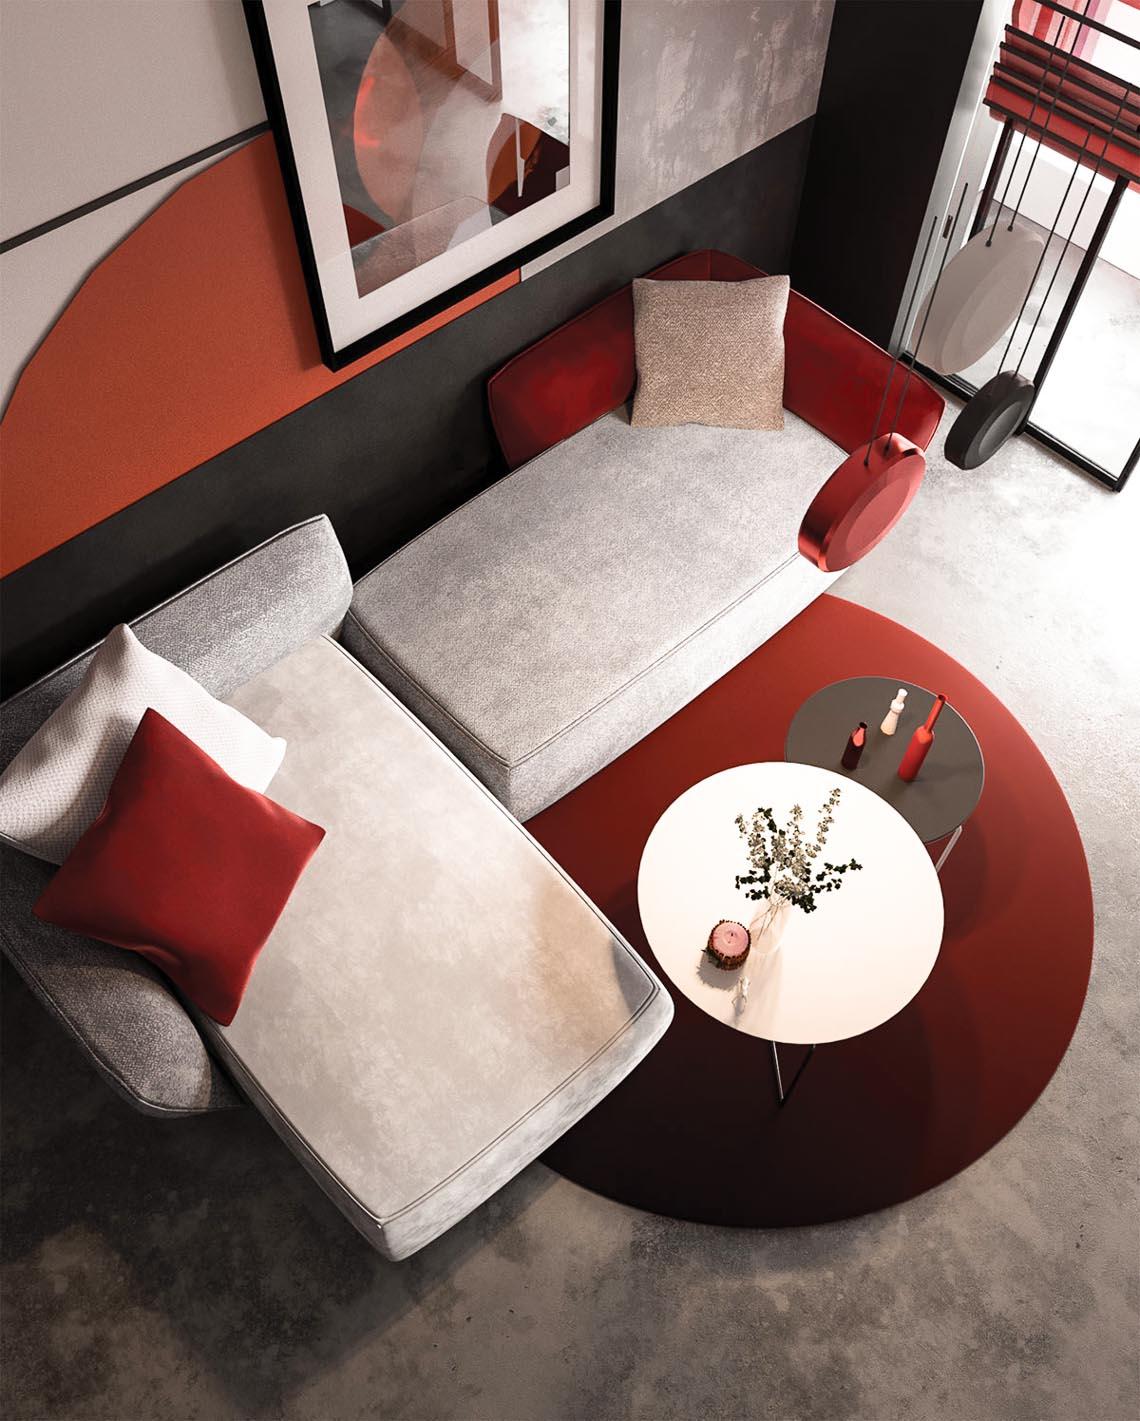 Thiết kế nội thất hiện đại với tông màu đỏ và xám theo phong cách Nhật Bản-3